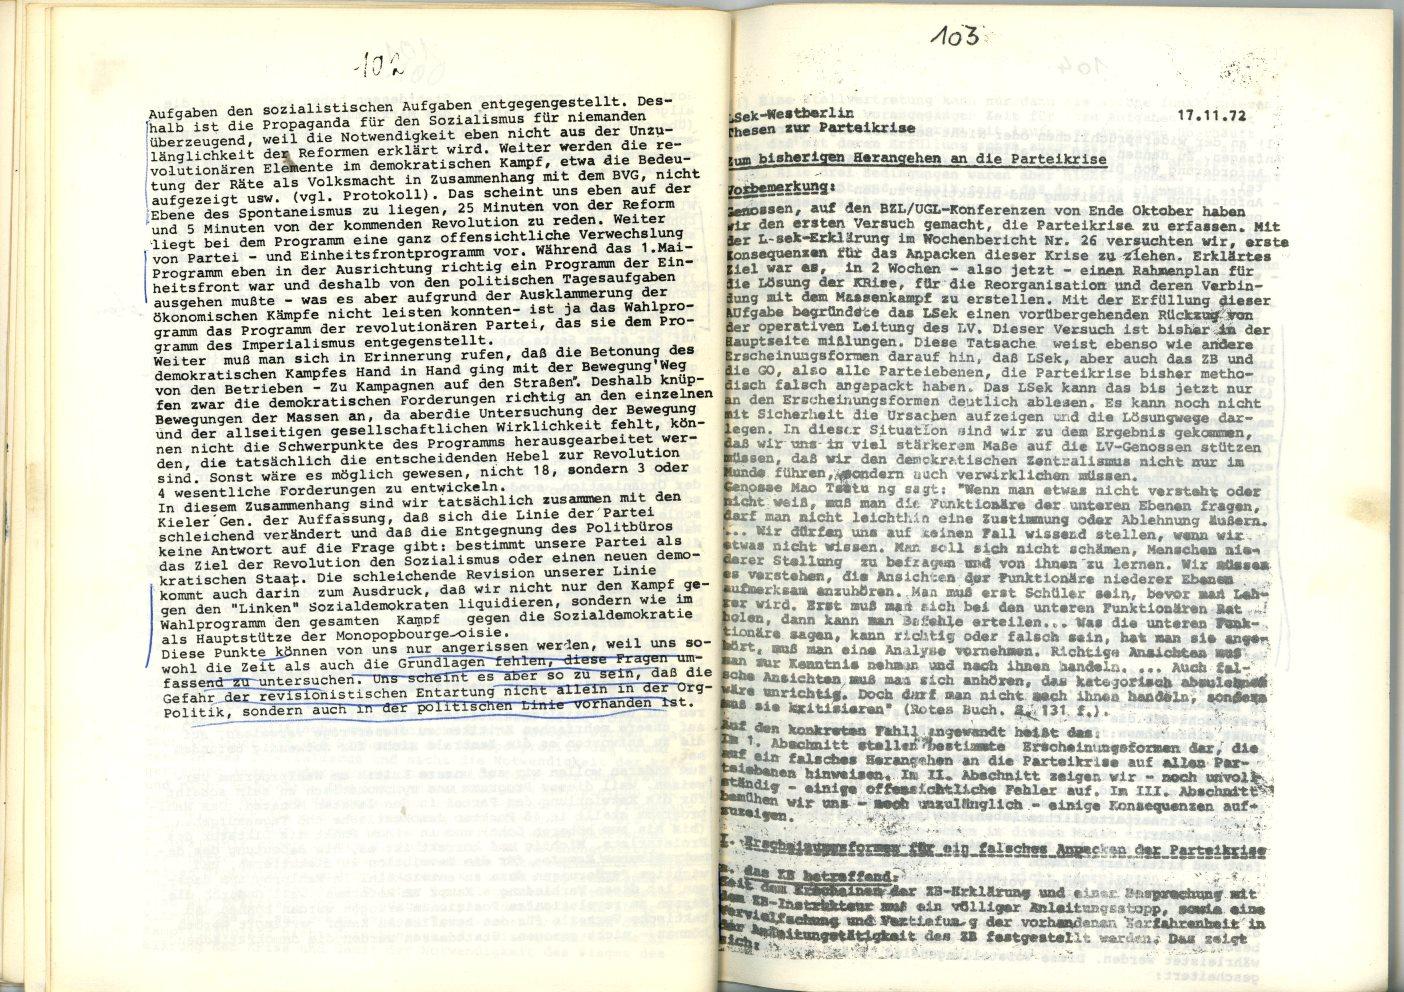 ZB_1972_Diskussionsorgan_zur_ersten_Parteikonferenz_57